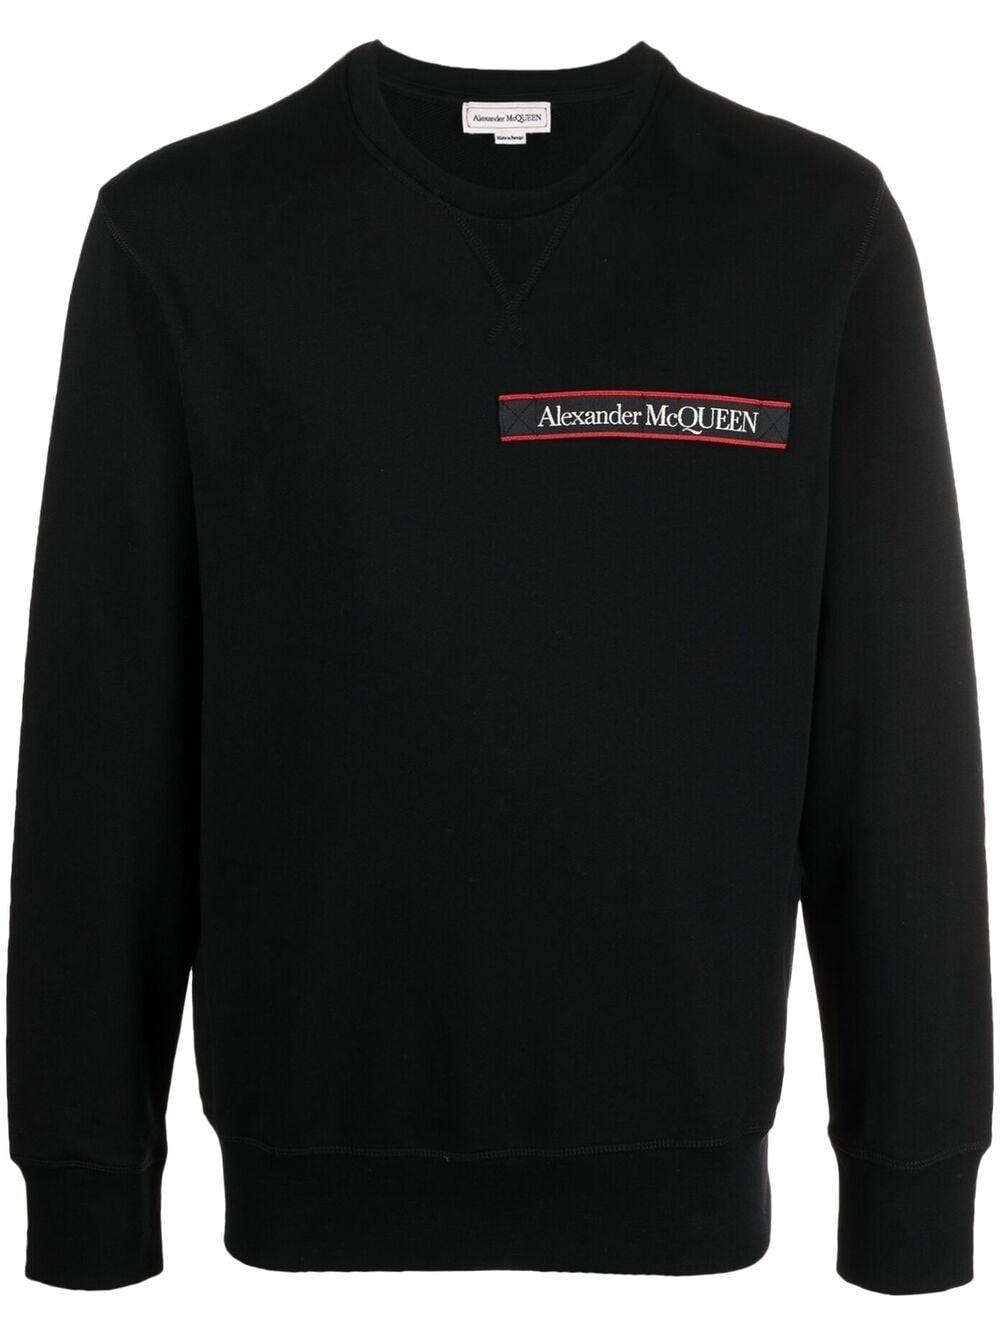 Alexander McQueen Sweatshirt mit Logo-Streifen - Schwarz